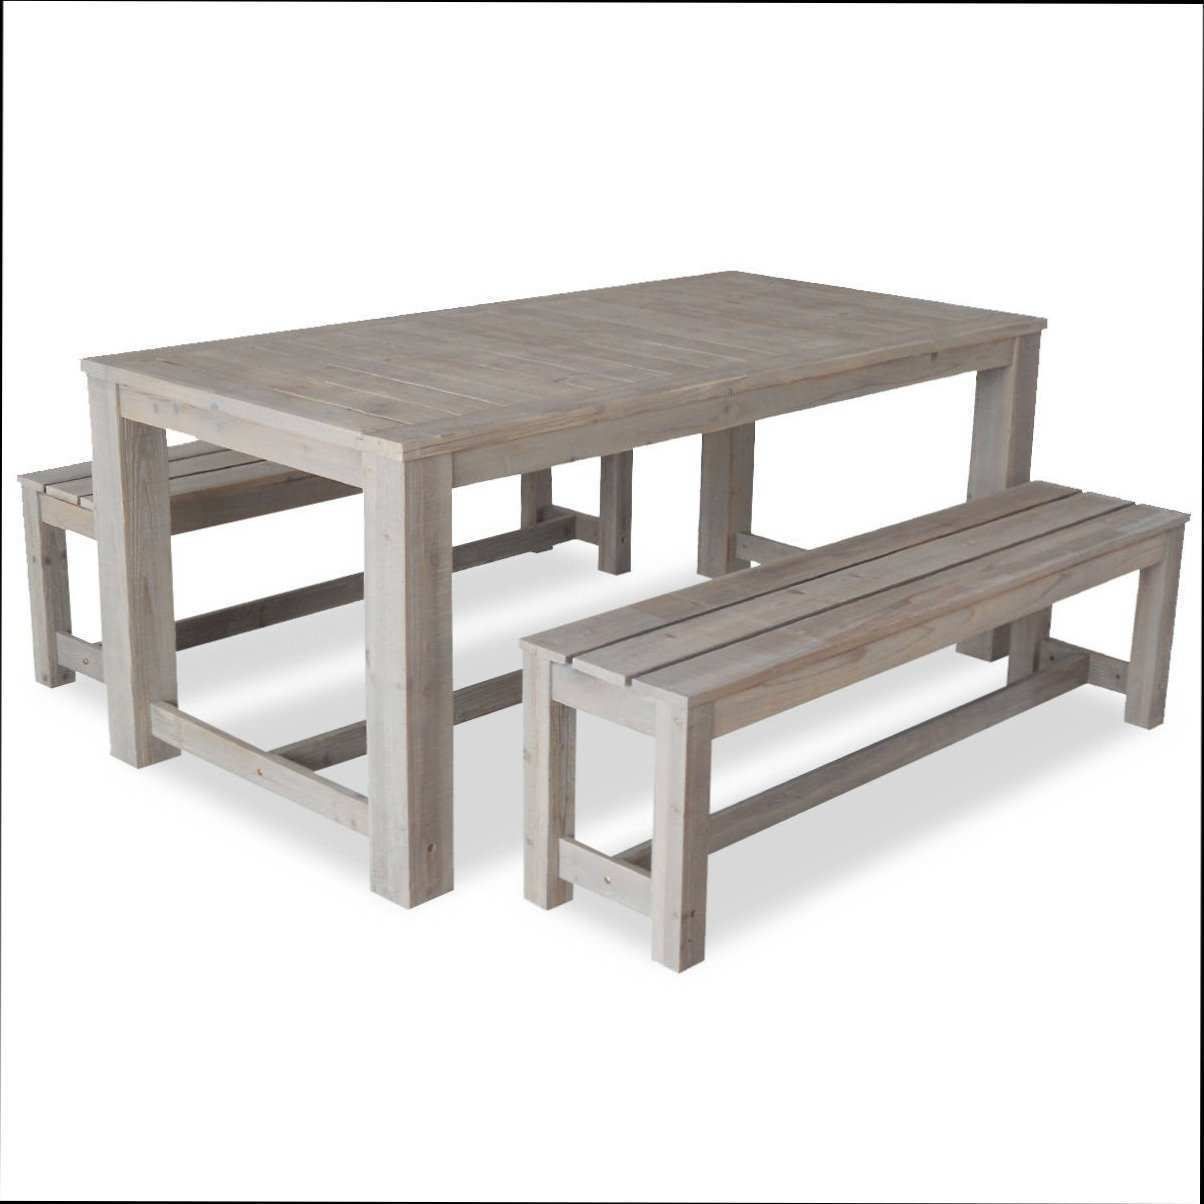 Table De Jardin En Bois Pas Cher Concept - Idees Conception ... pour Table Basse De Jardin Pas Cher